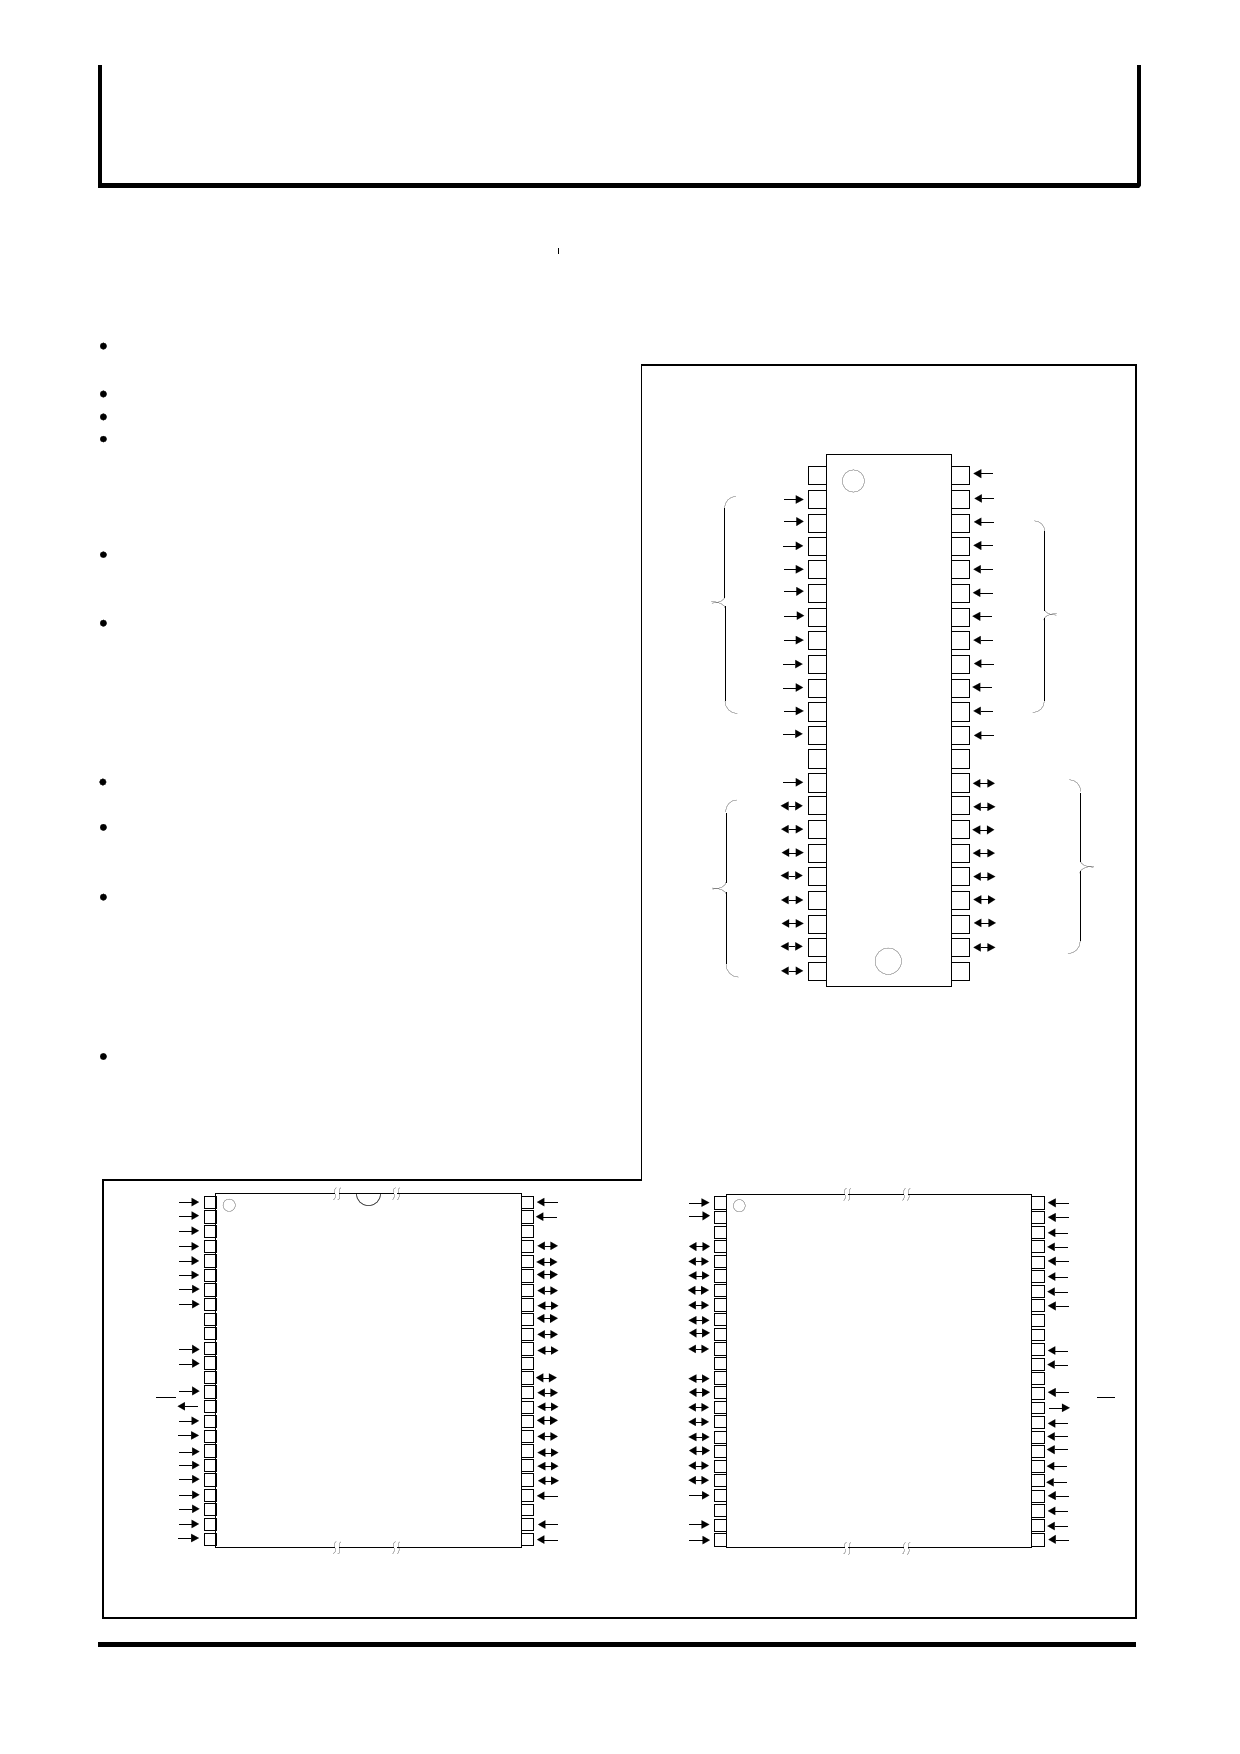 M5M29FB800VP-80 datasheet